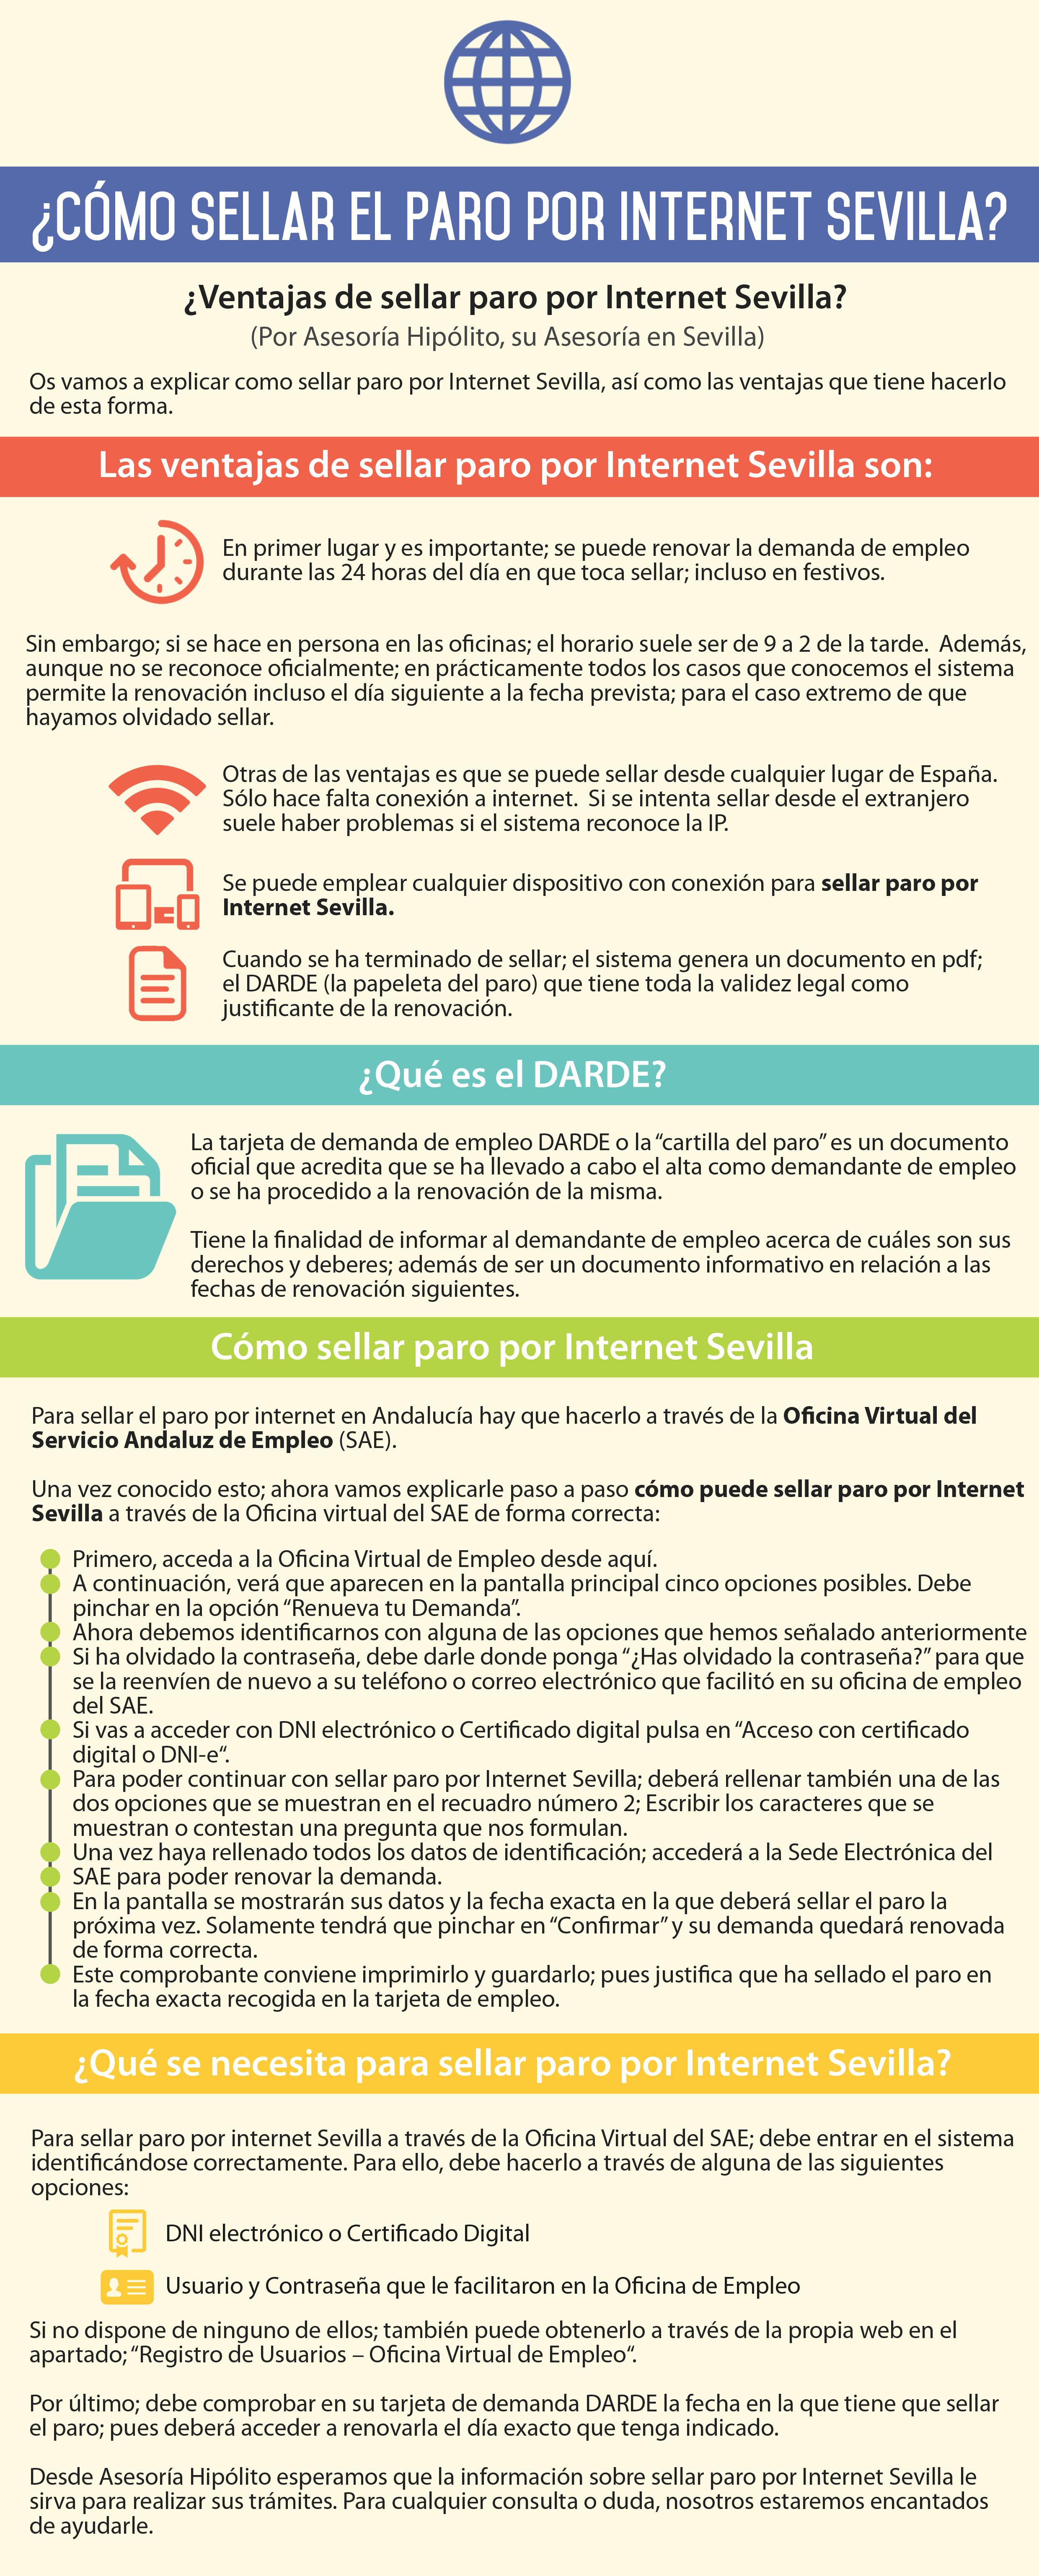 Cómo sellar el paro por internet Sevilla